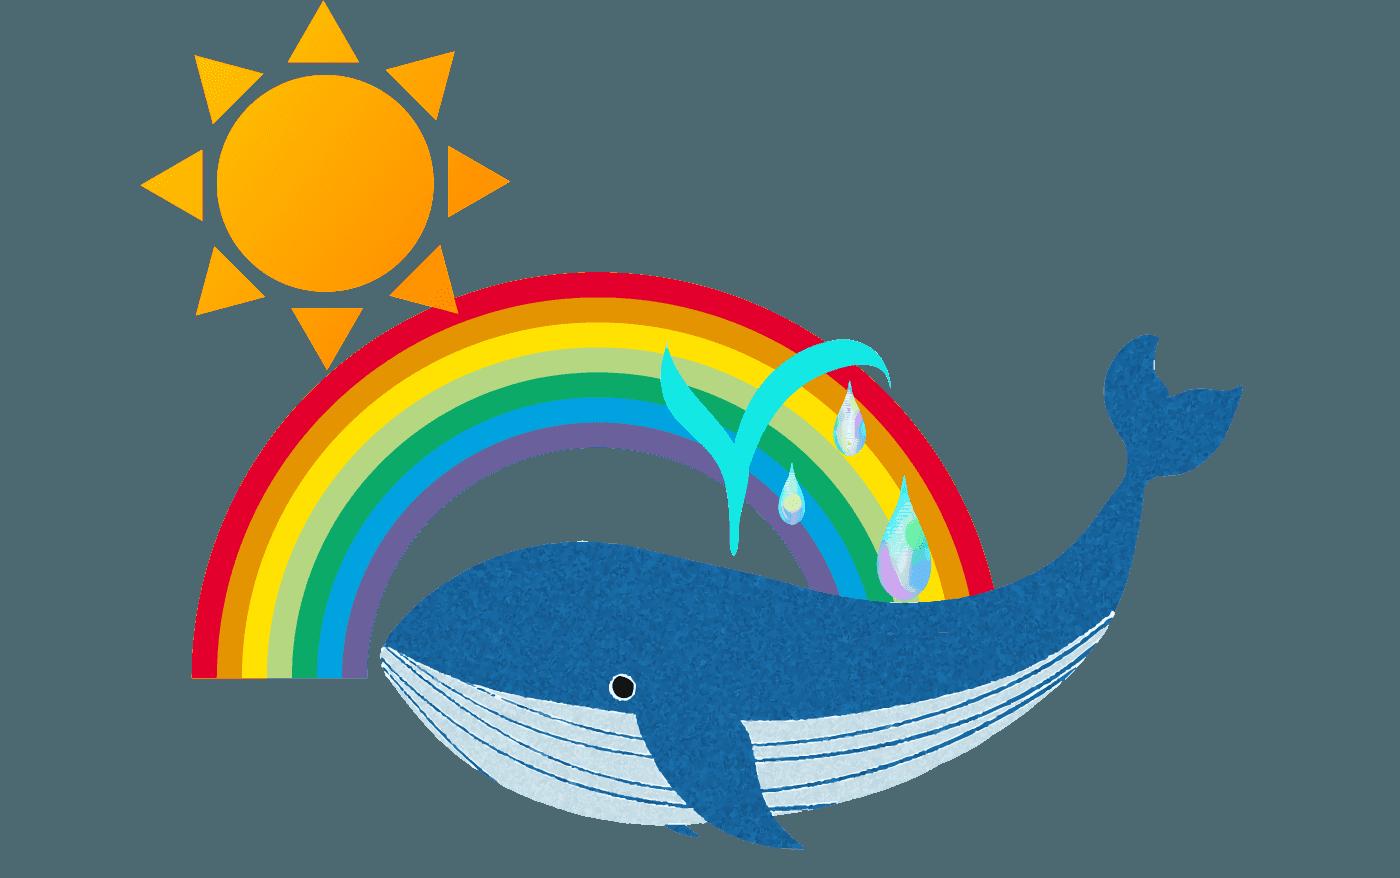 クジラの夢見た虹イラスト